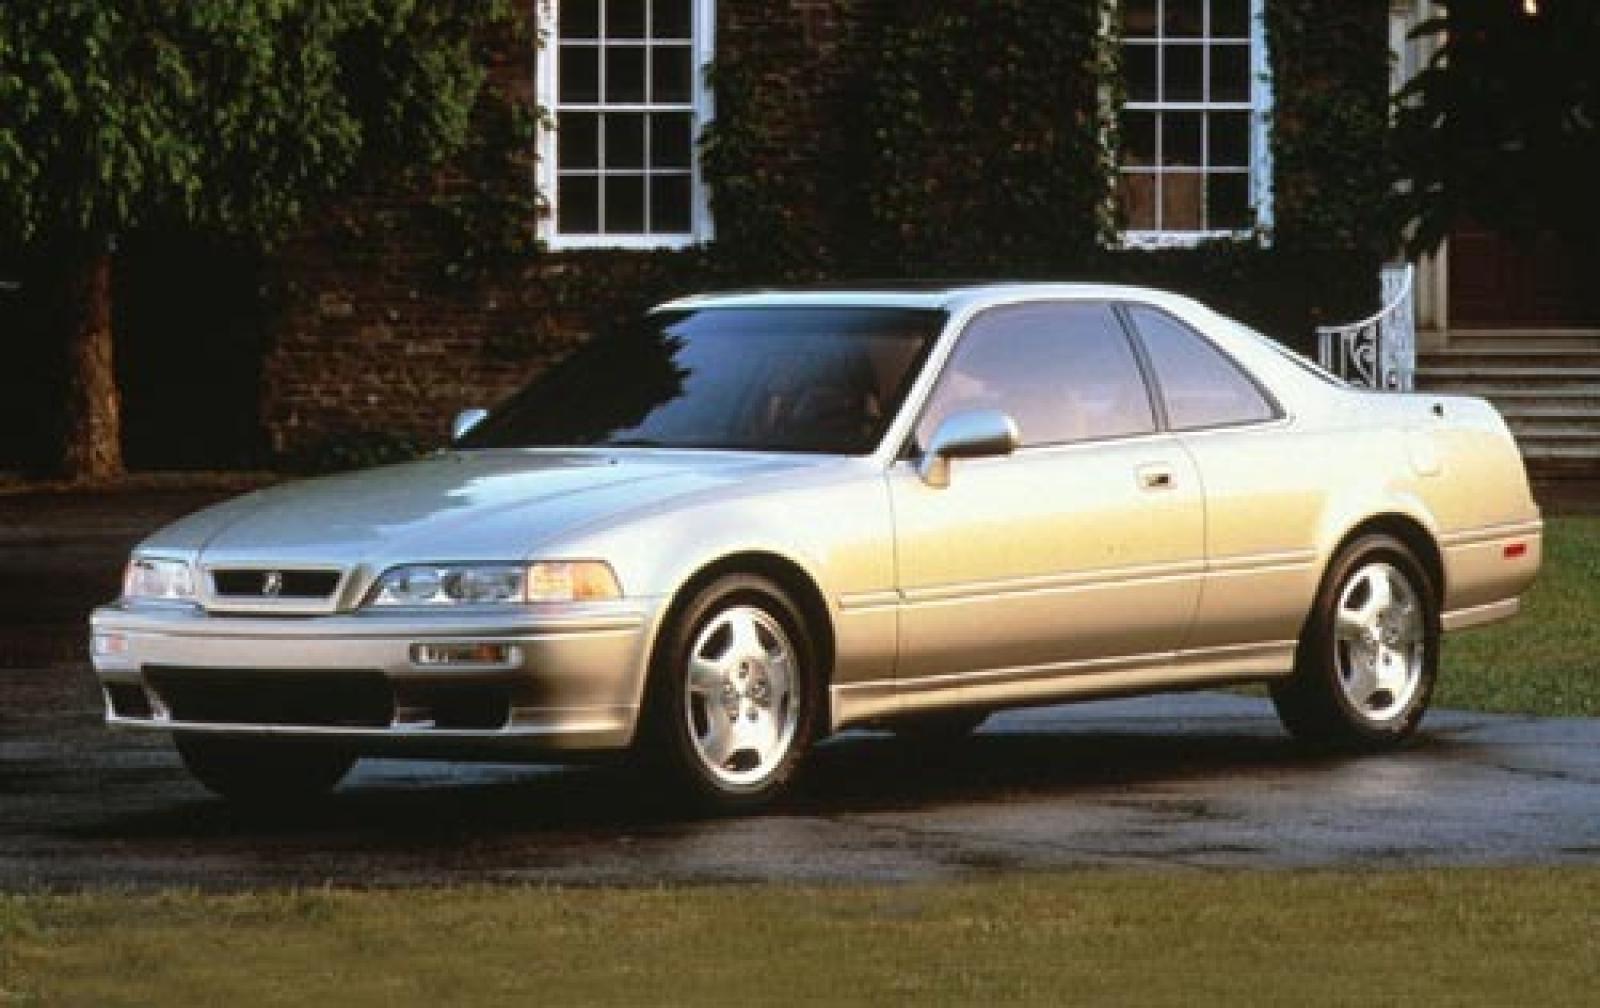 Acura Legend I 1986 - 1990 Coupe #2